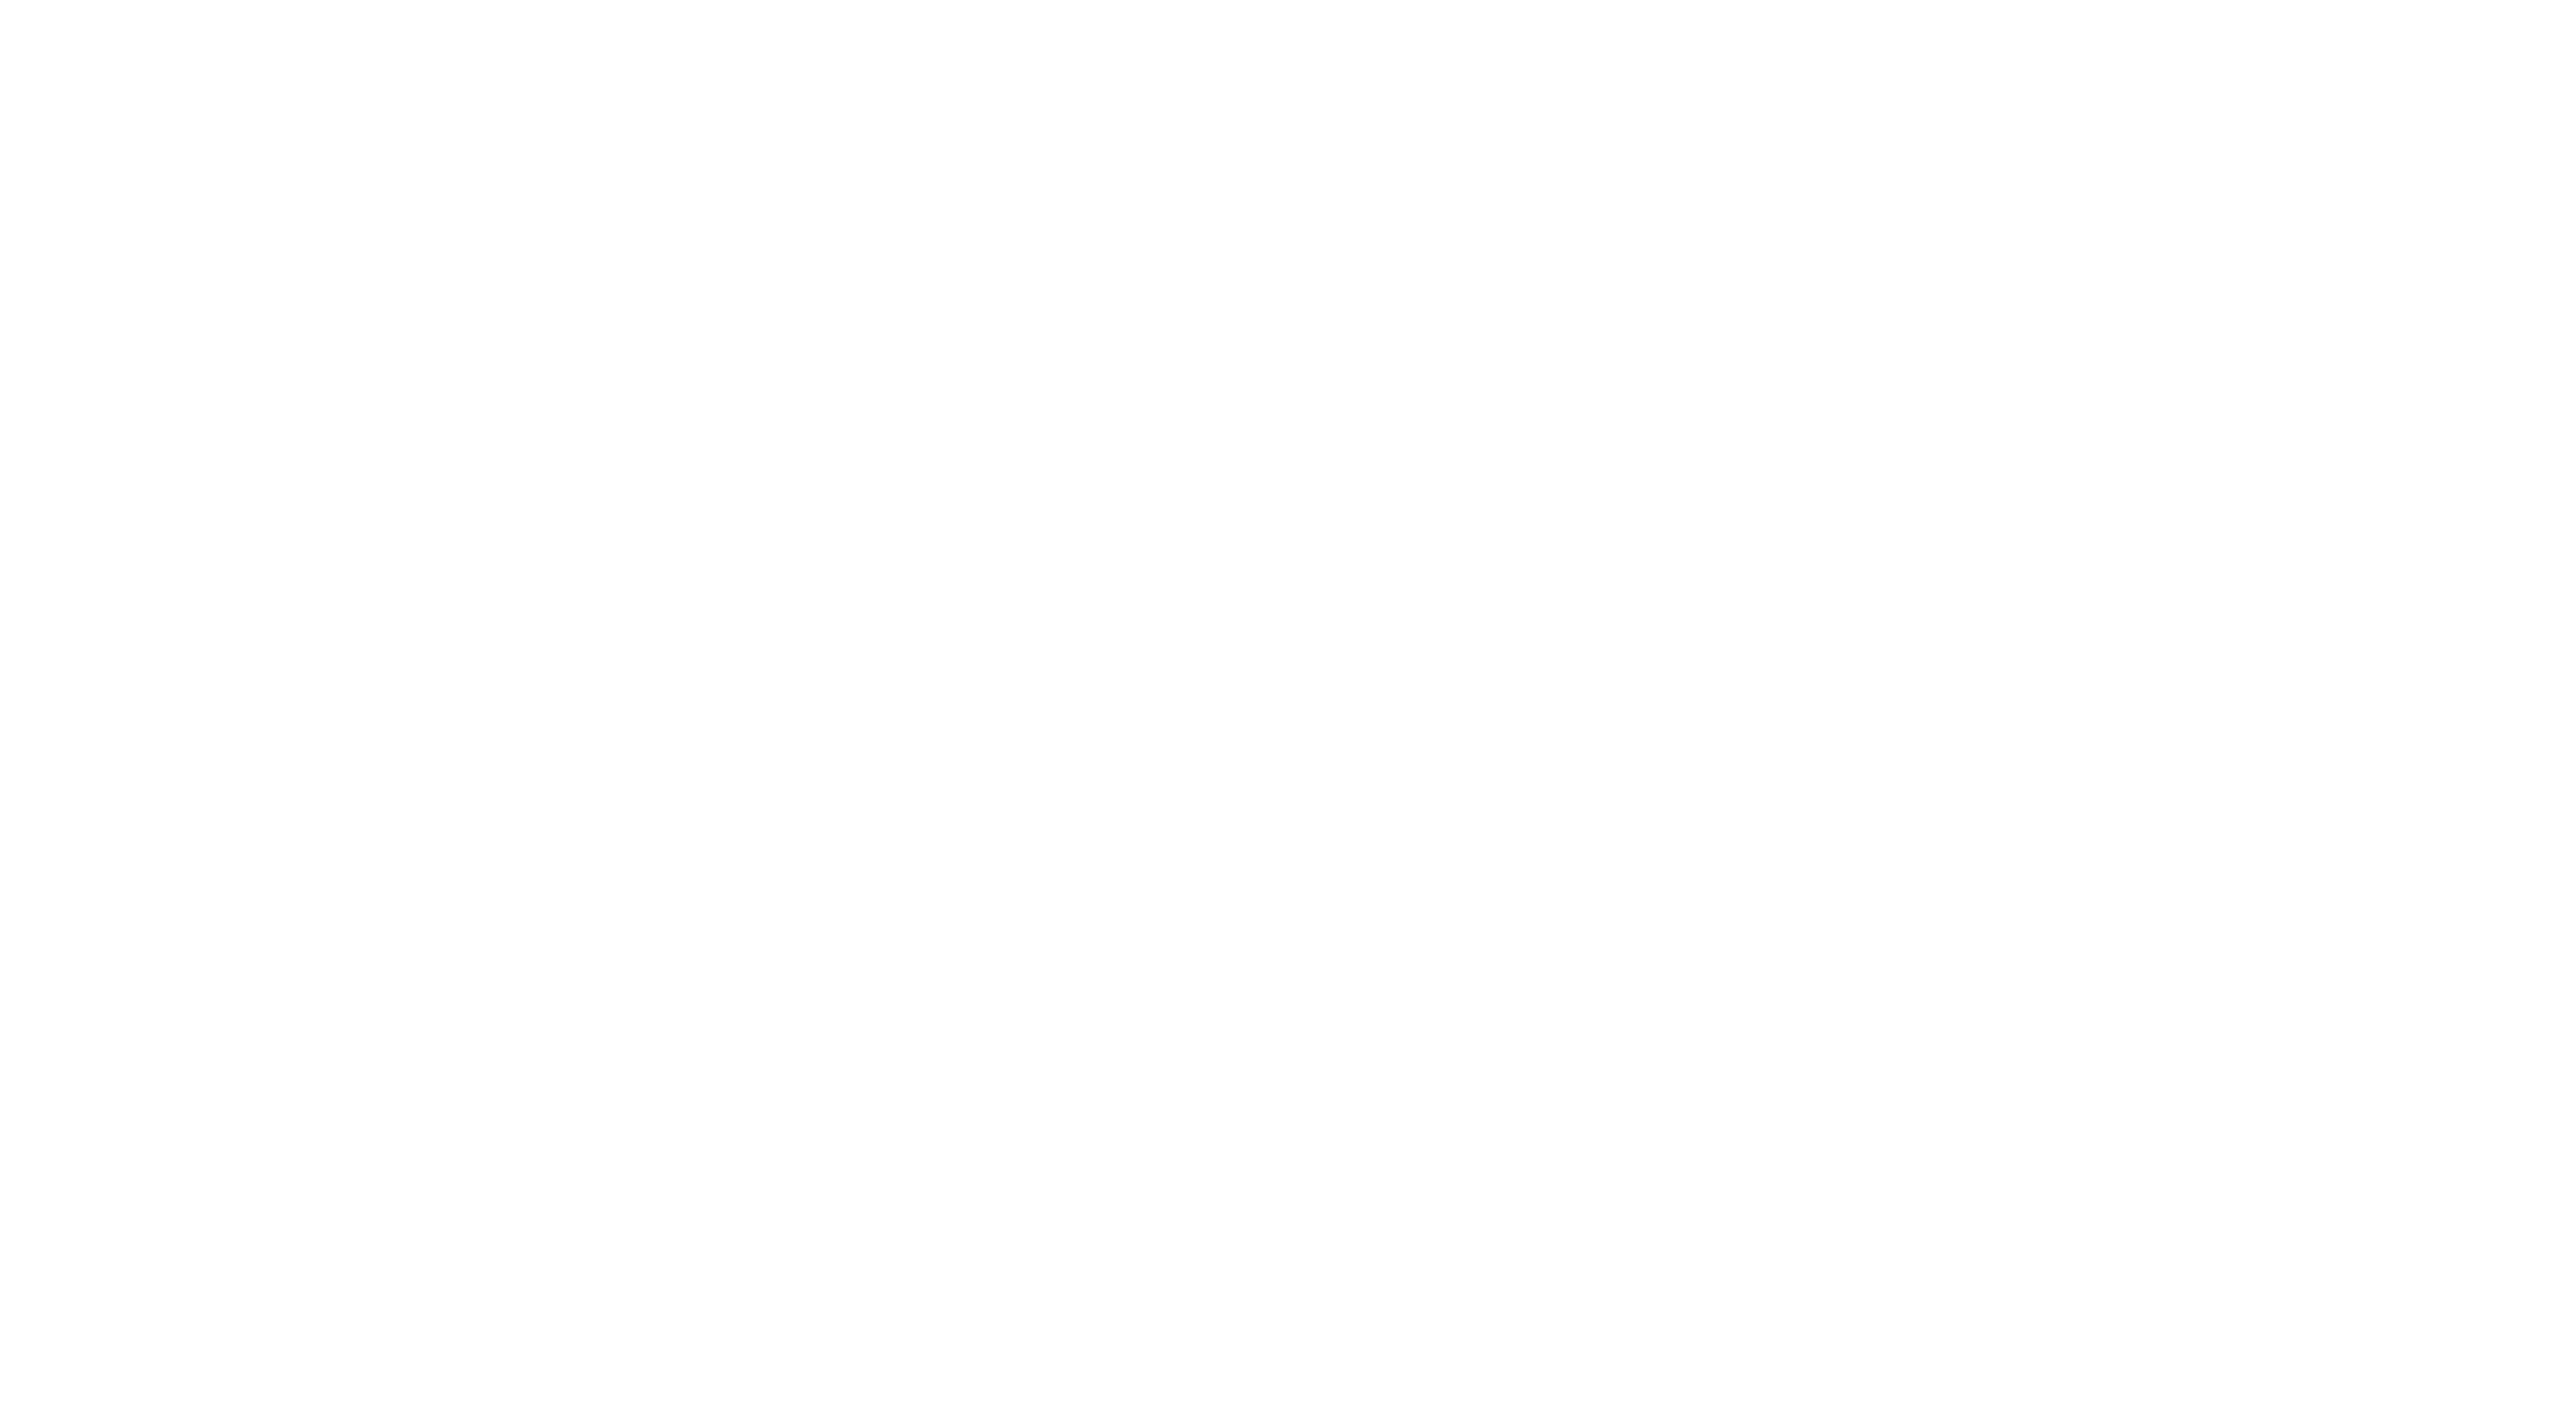 MEDISPA SOLUTIONS